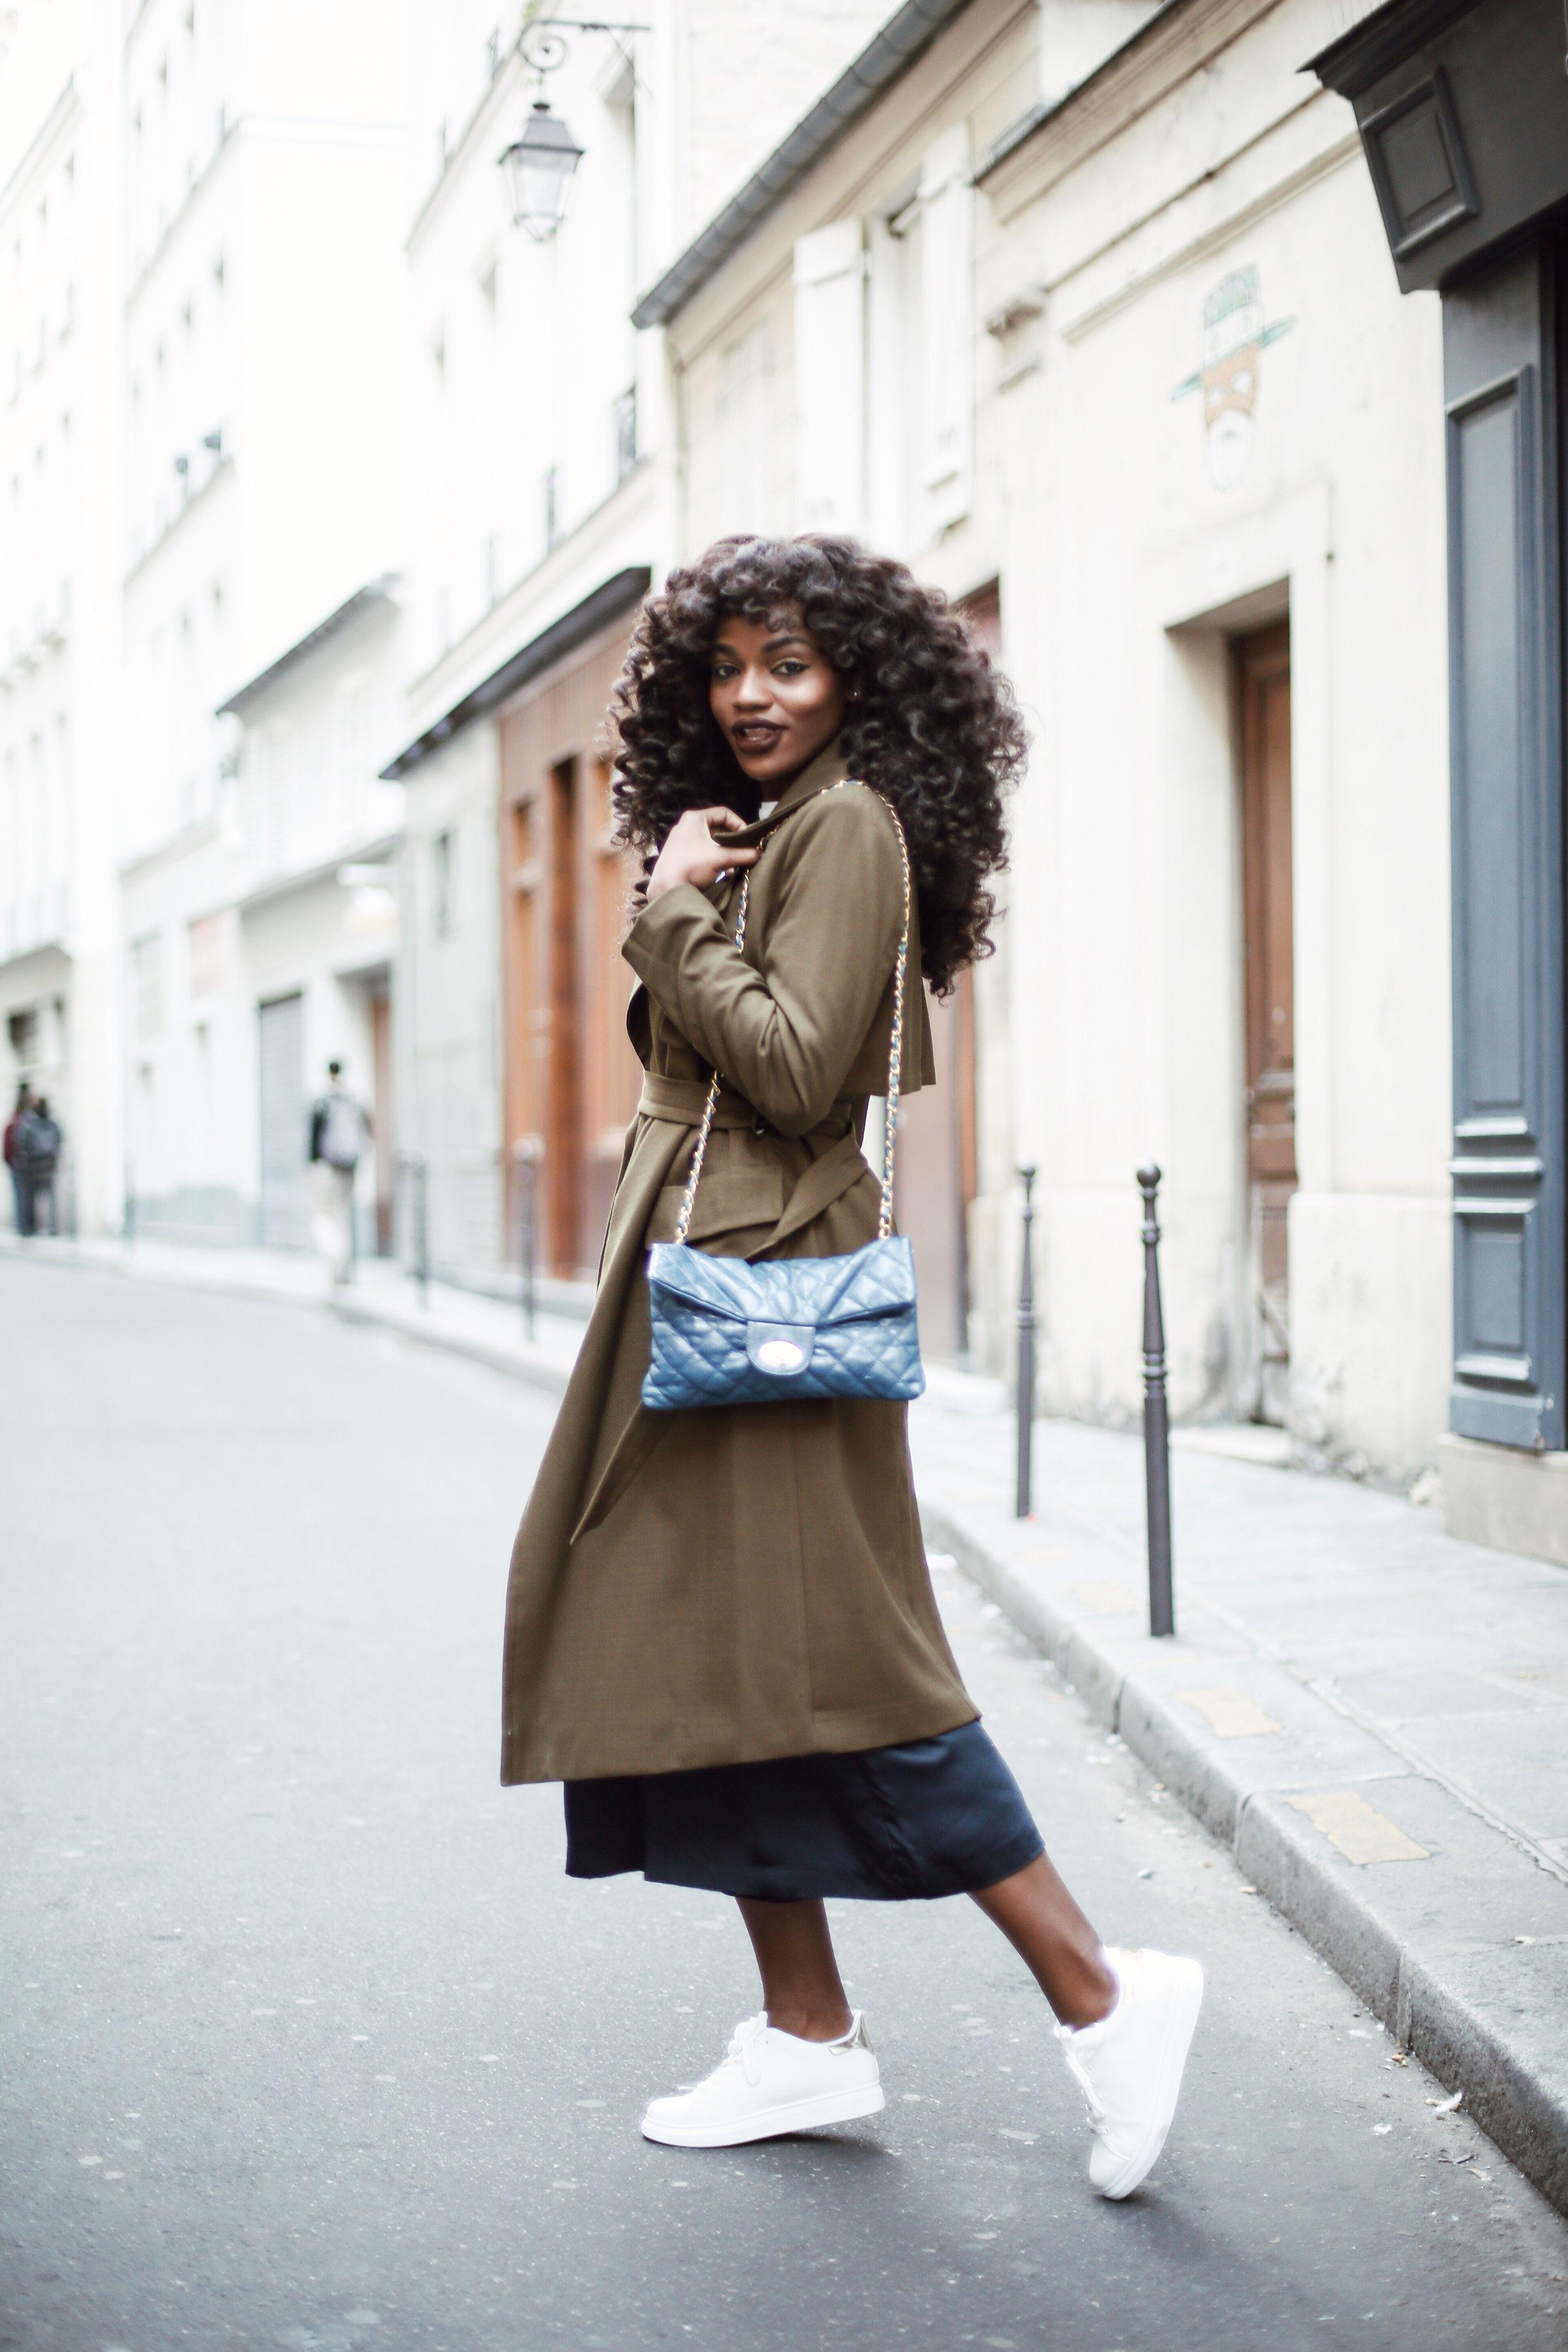 Asiyami Gold wearing Heat Free Hair at Paris Fashion Week